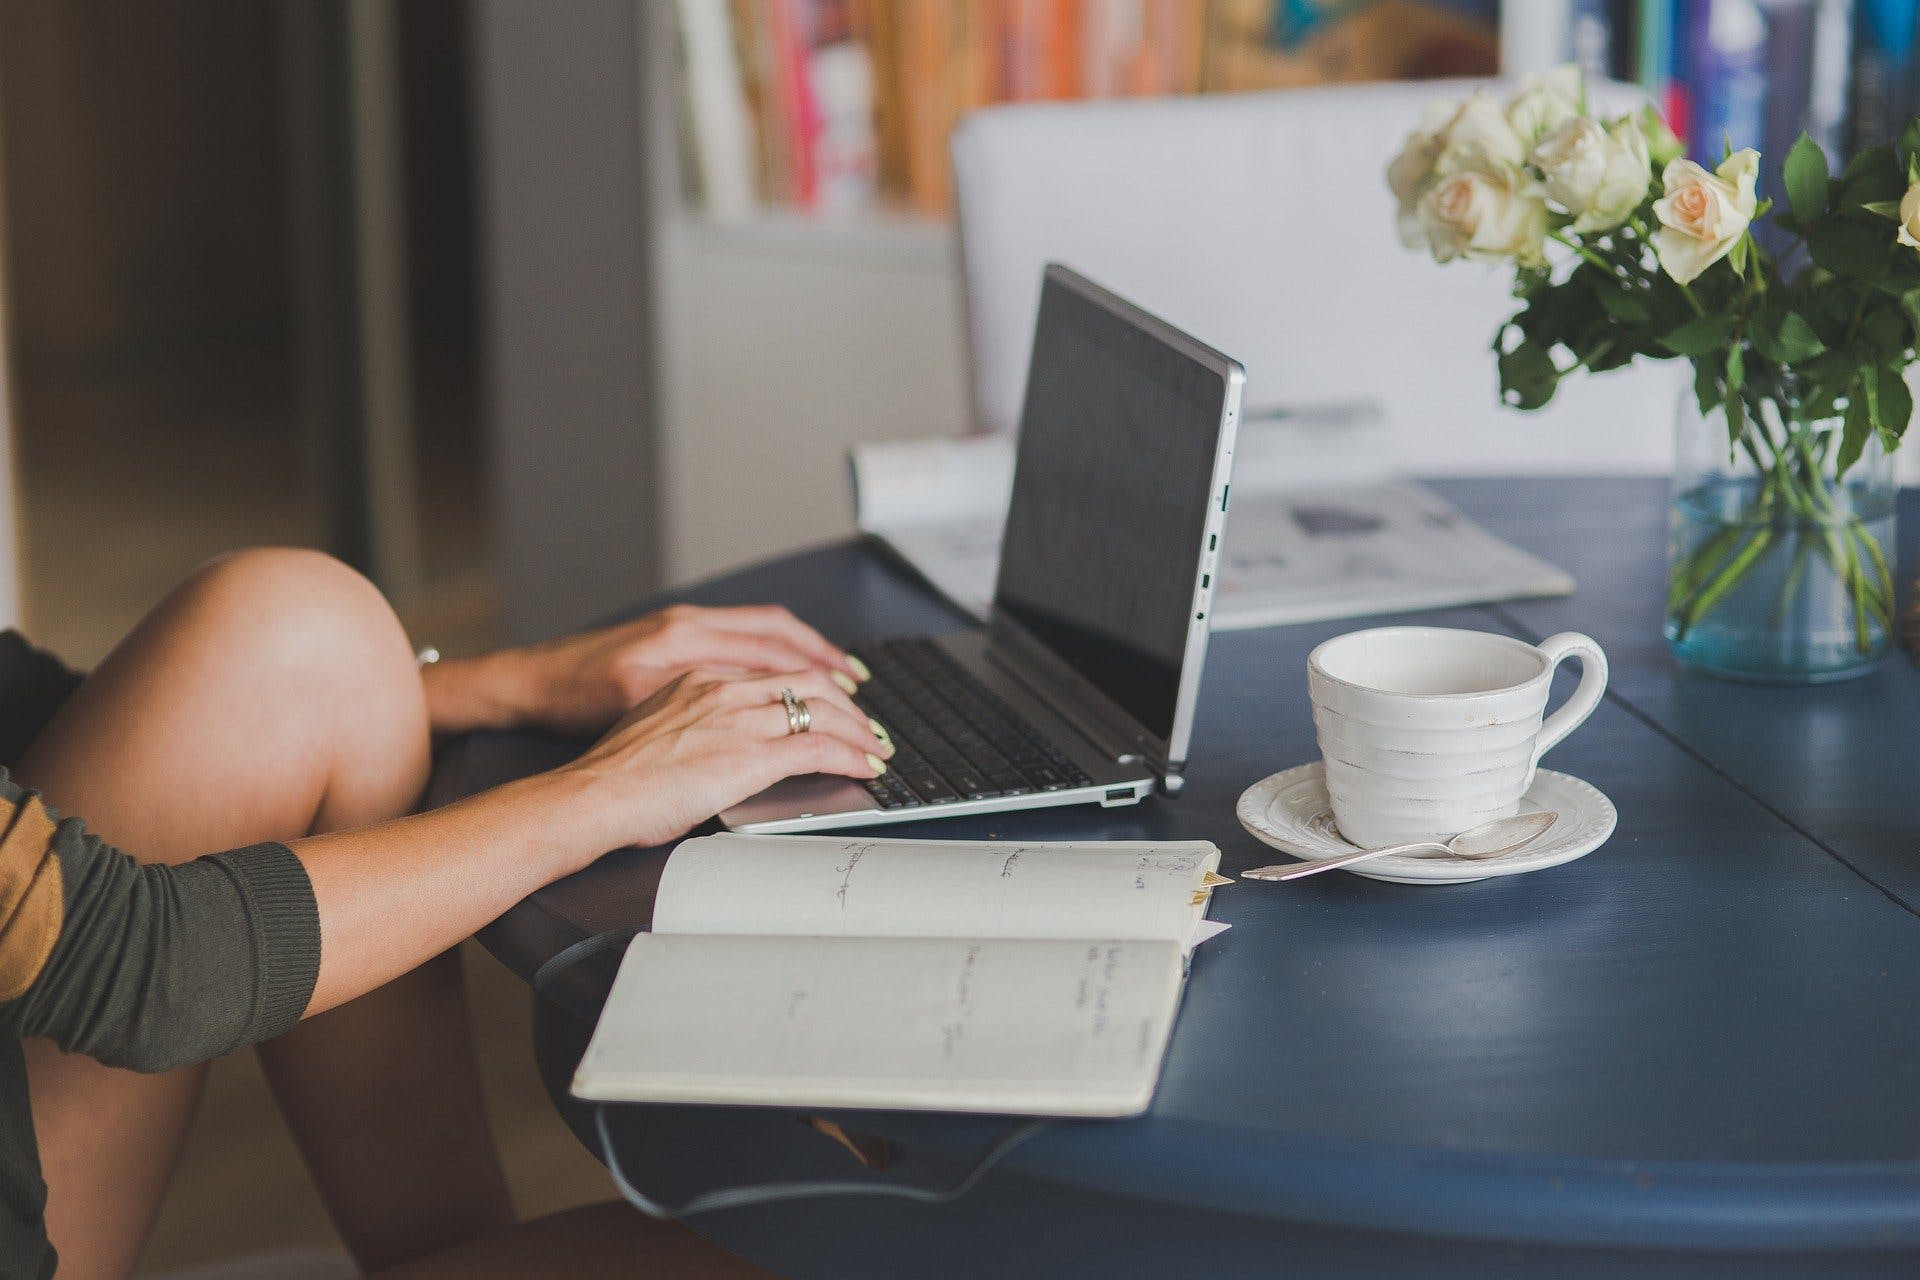 Como escolher o melhor notebook para estudar? Conheça os principais modelos